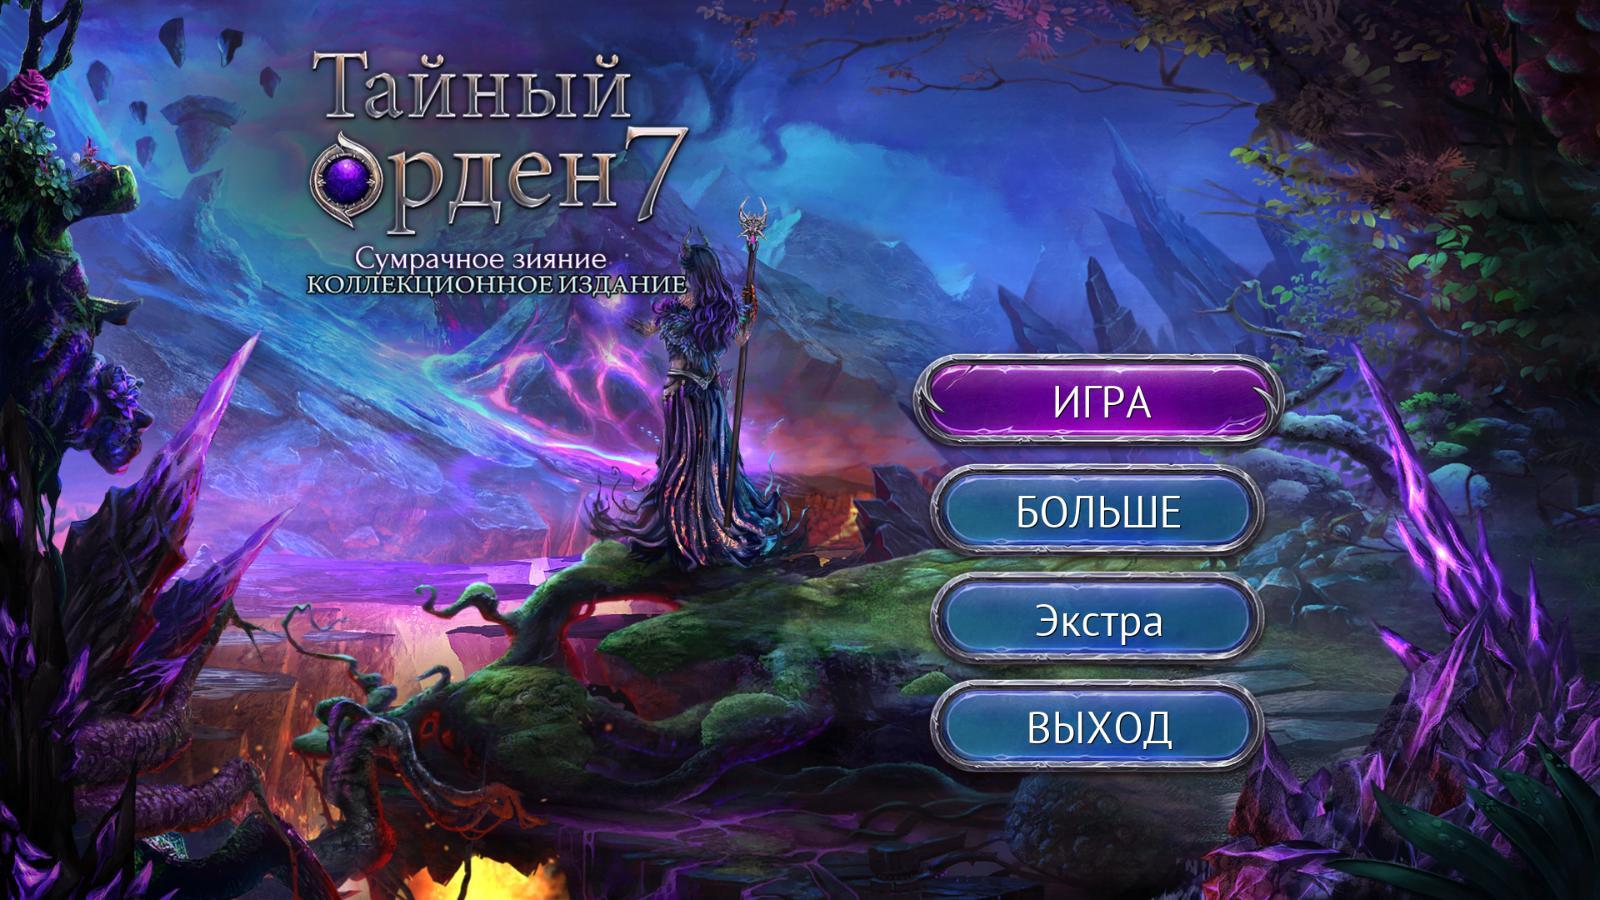 Тайный орден 7: Сумрачное сияние. Коллекционное издание | The Secret Order 7: Shadow Breach CE (Rus)